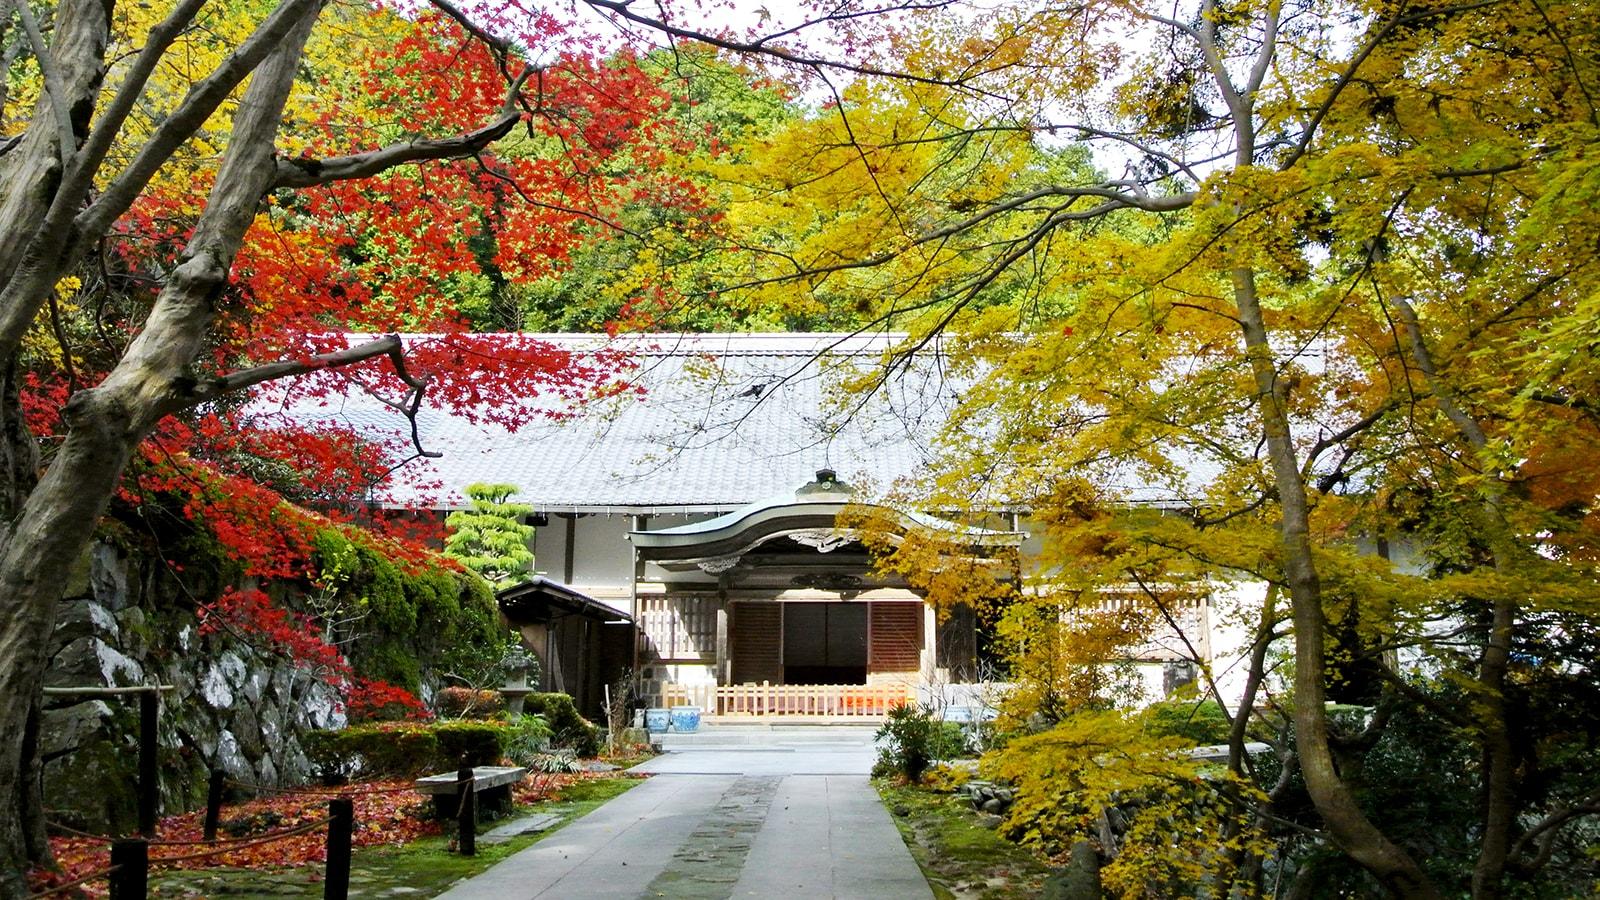 瓦屋禅寺の庫裏も鮮やかな紅葉に彩られる - -滋賀県東近江市にある観光、撮影スポット- -